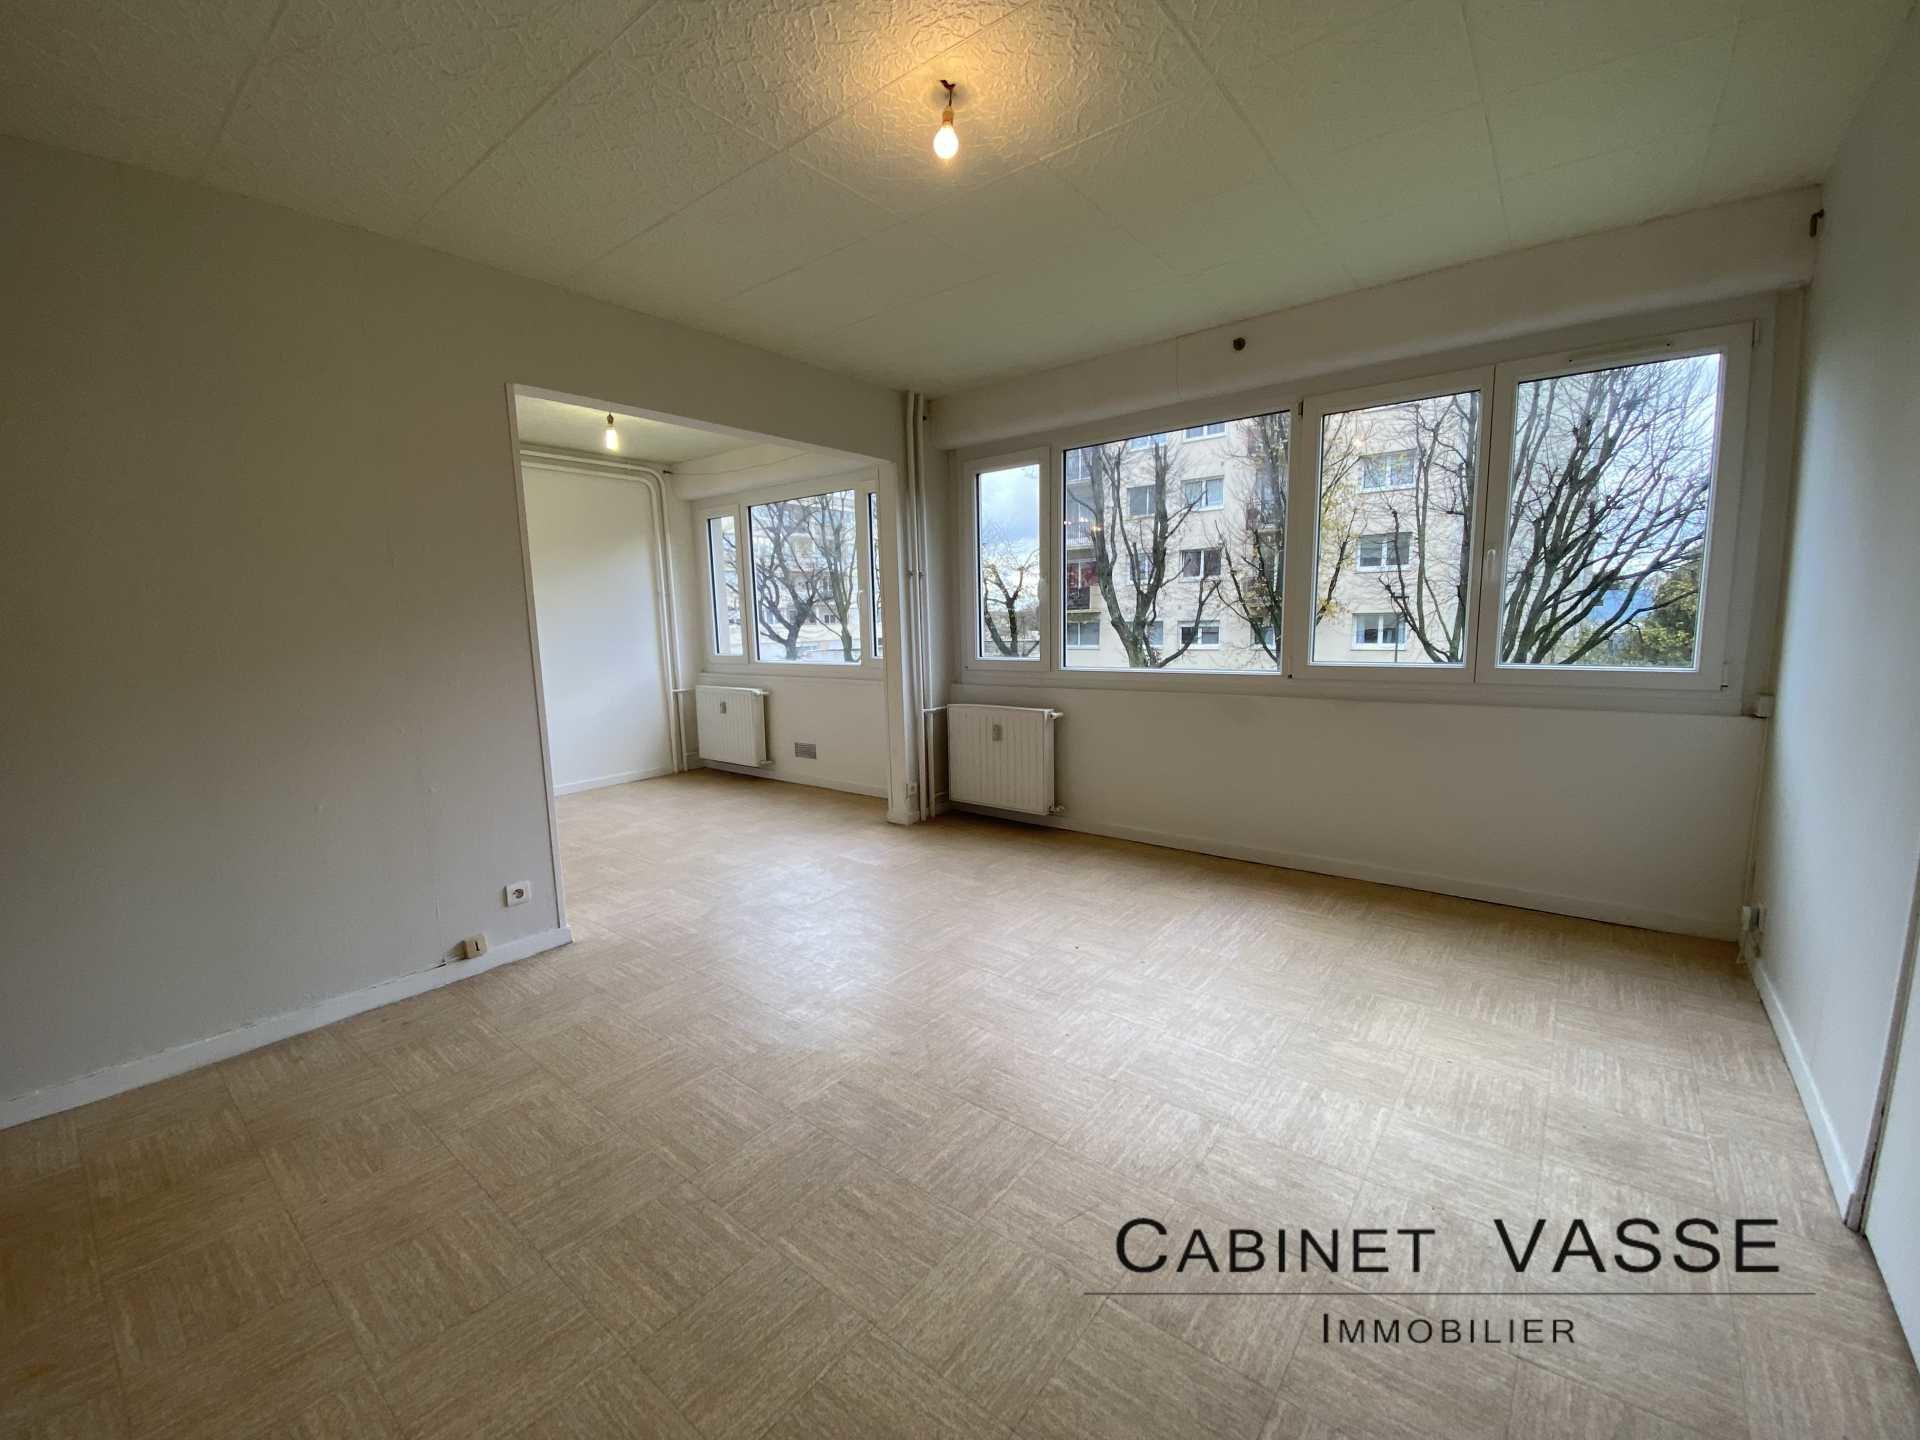 appartement, a vendre, vasse, Hérouville saint clair